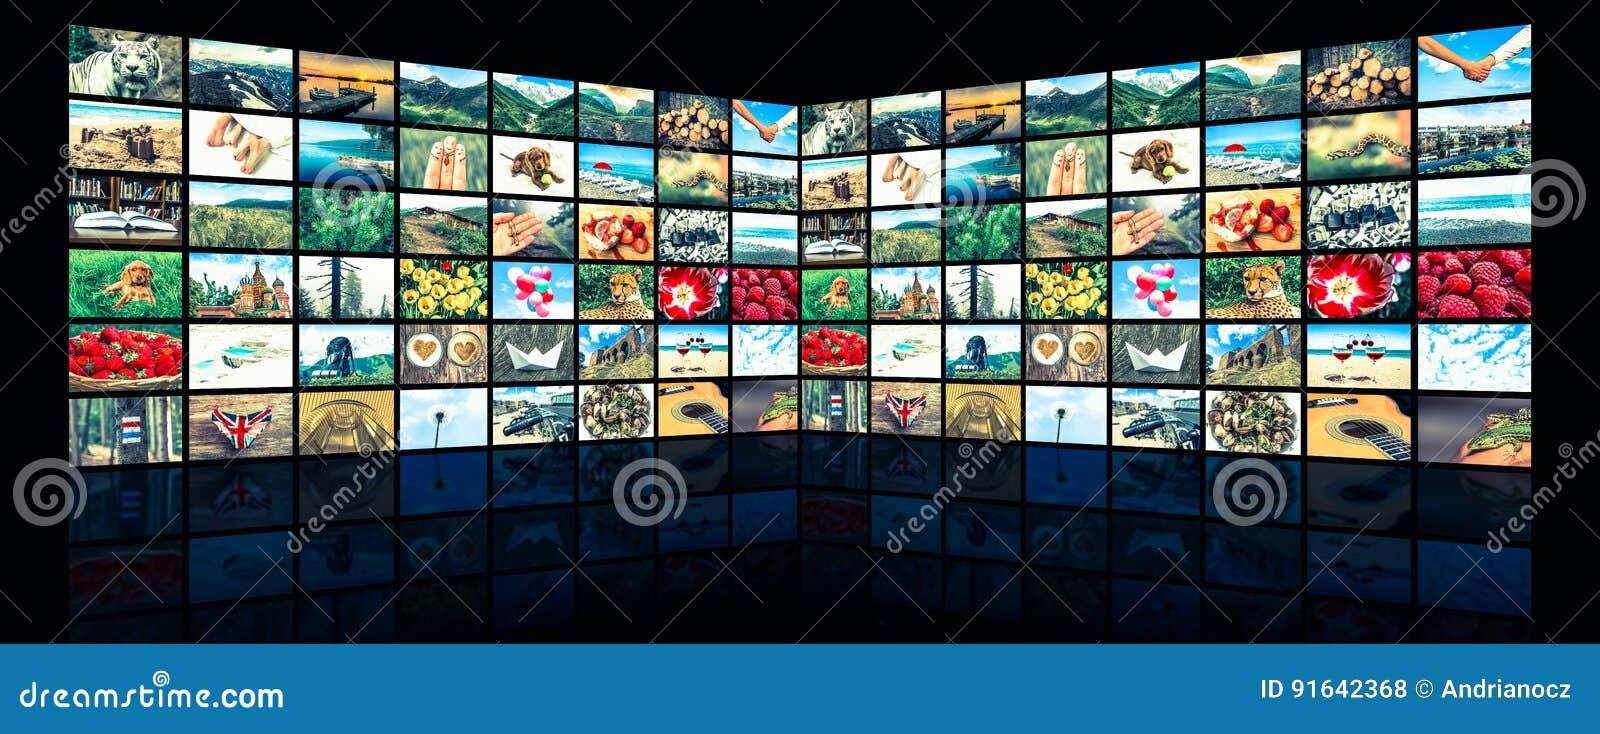 Οθόνες που διαμορφώνουν έναν μεγάλο τηλεοπτικό τοίχο ραδιοφωνικής μετάδοσης πολυμέσων